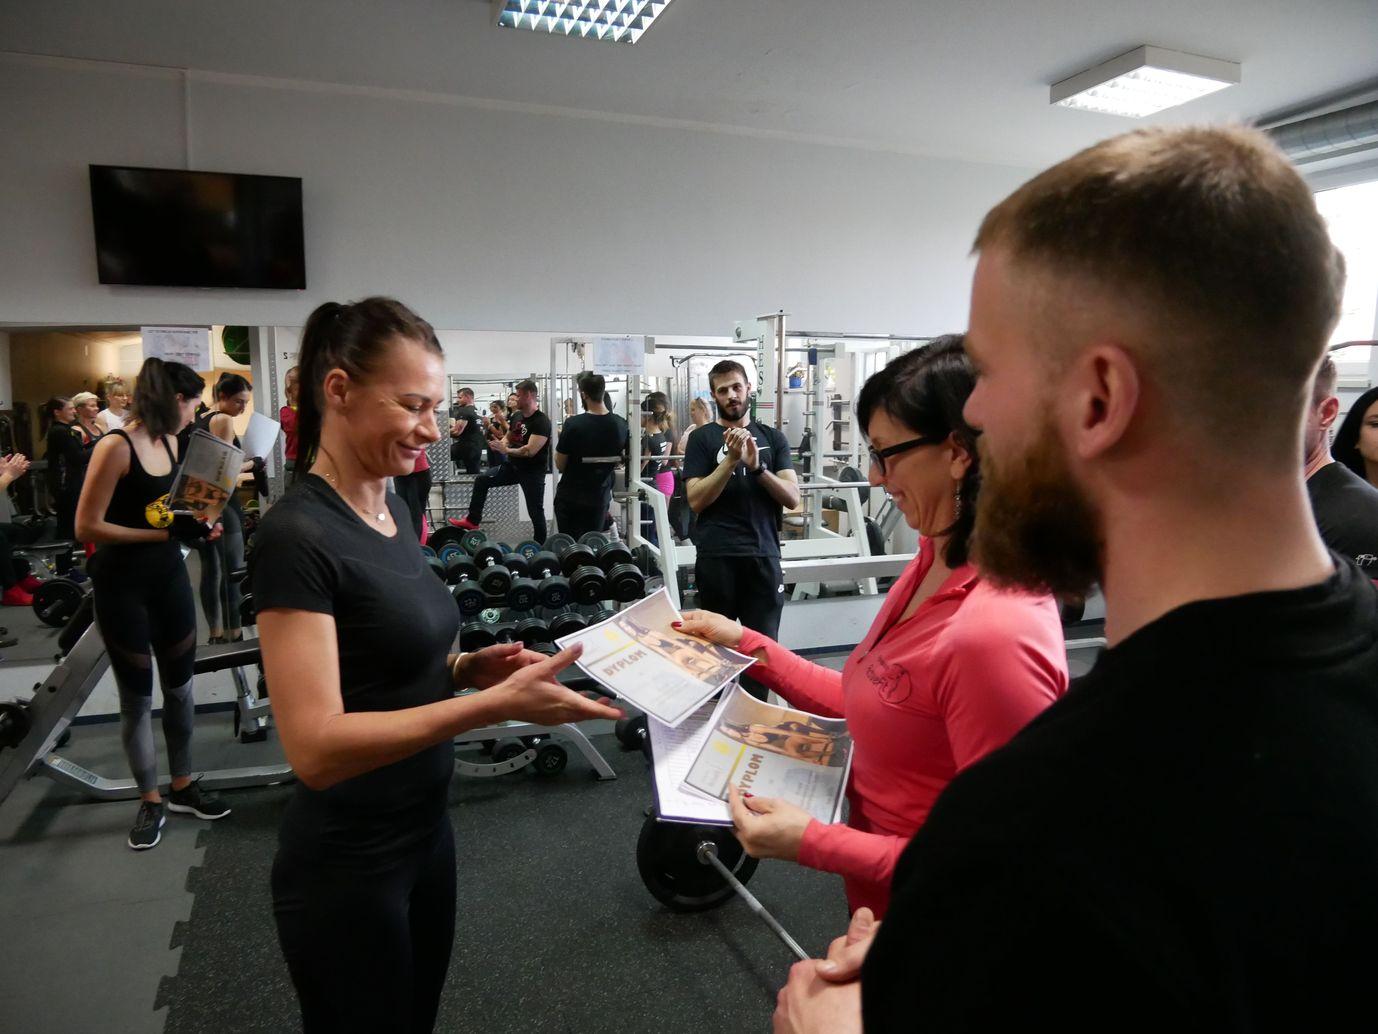 Zawody Martwy Ciąg Pleszew Fitness Klub Active Fit ul. Traugutta 30 siłownia trening personalny 29